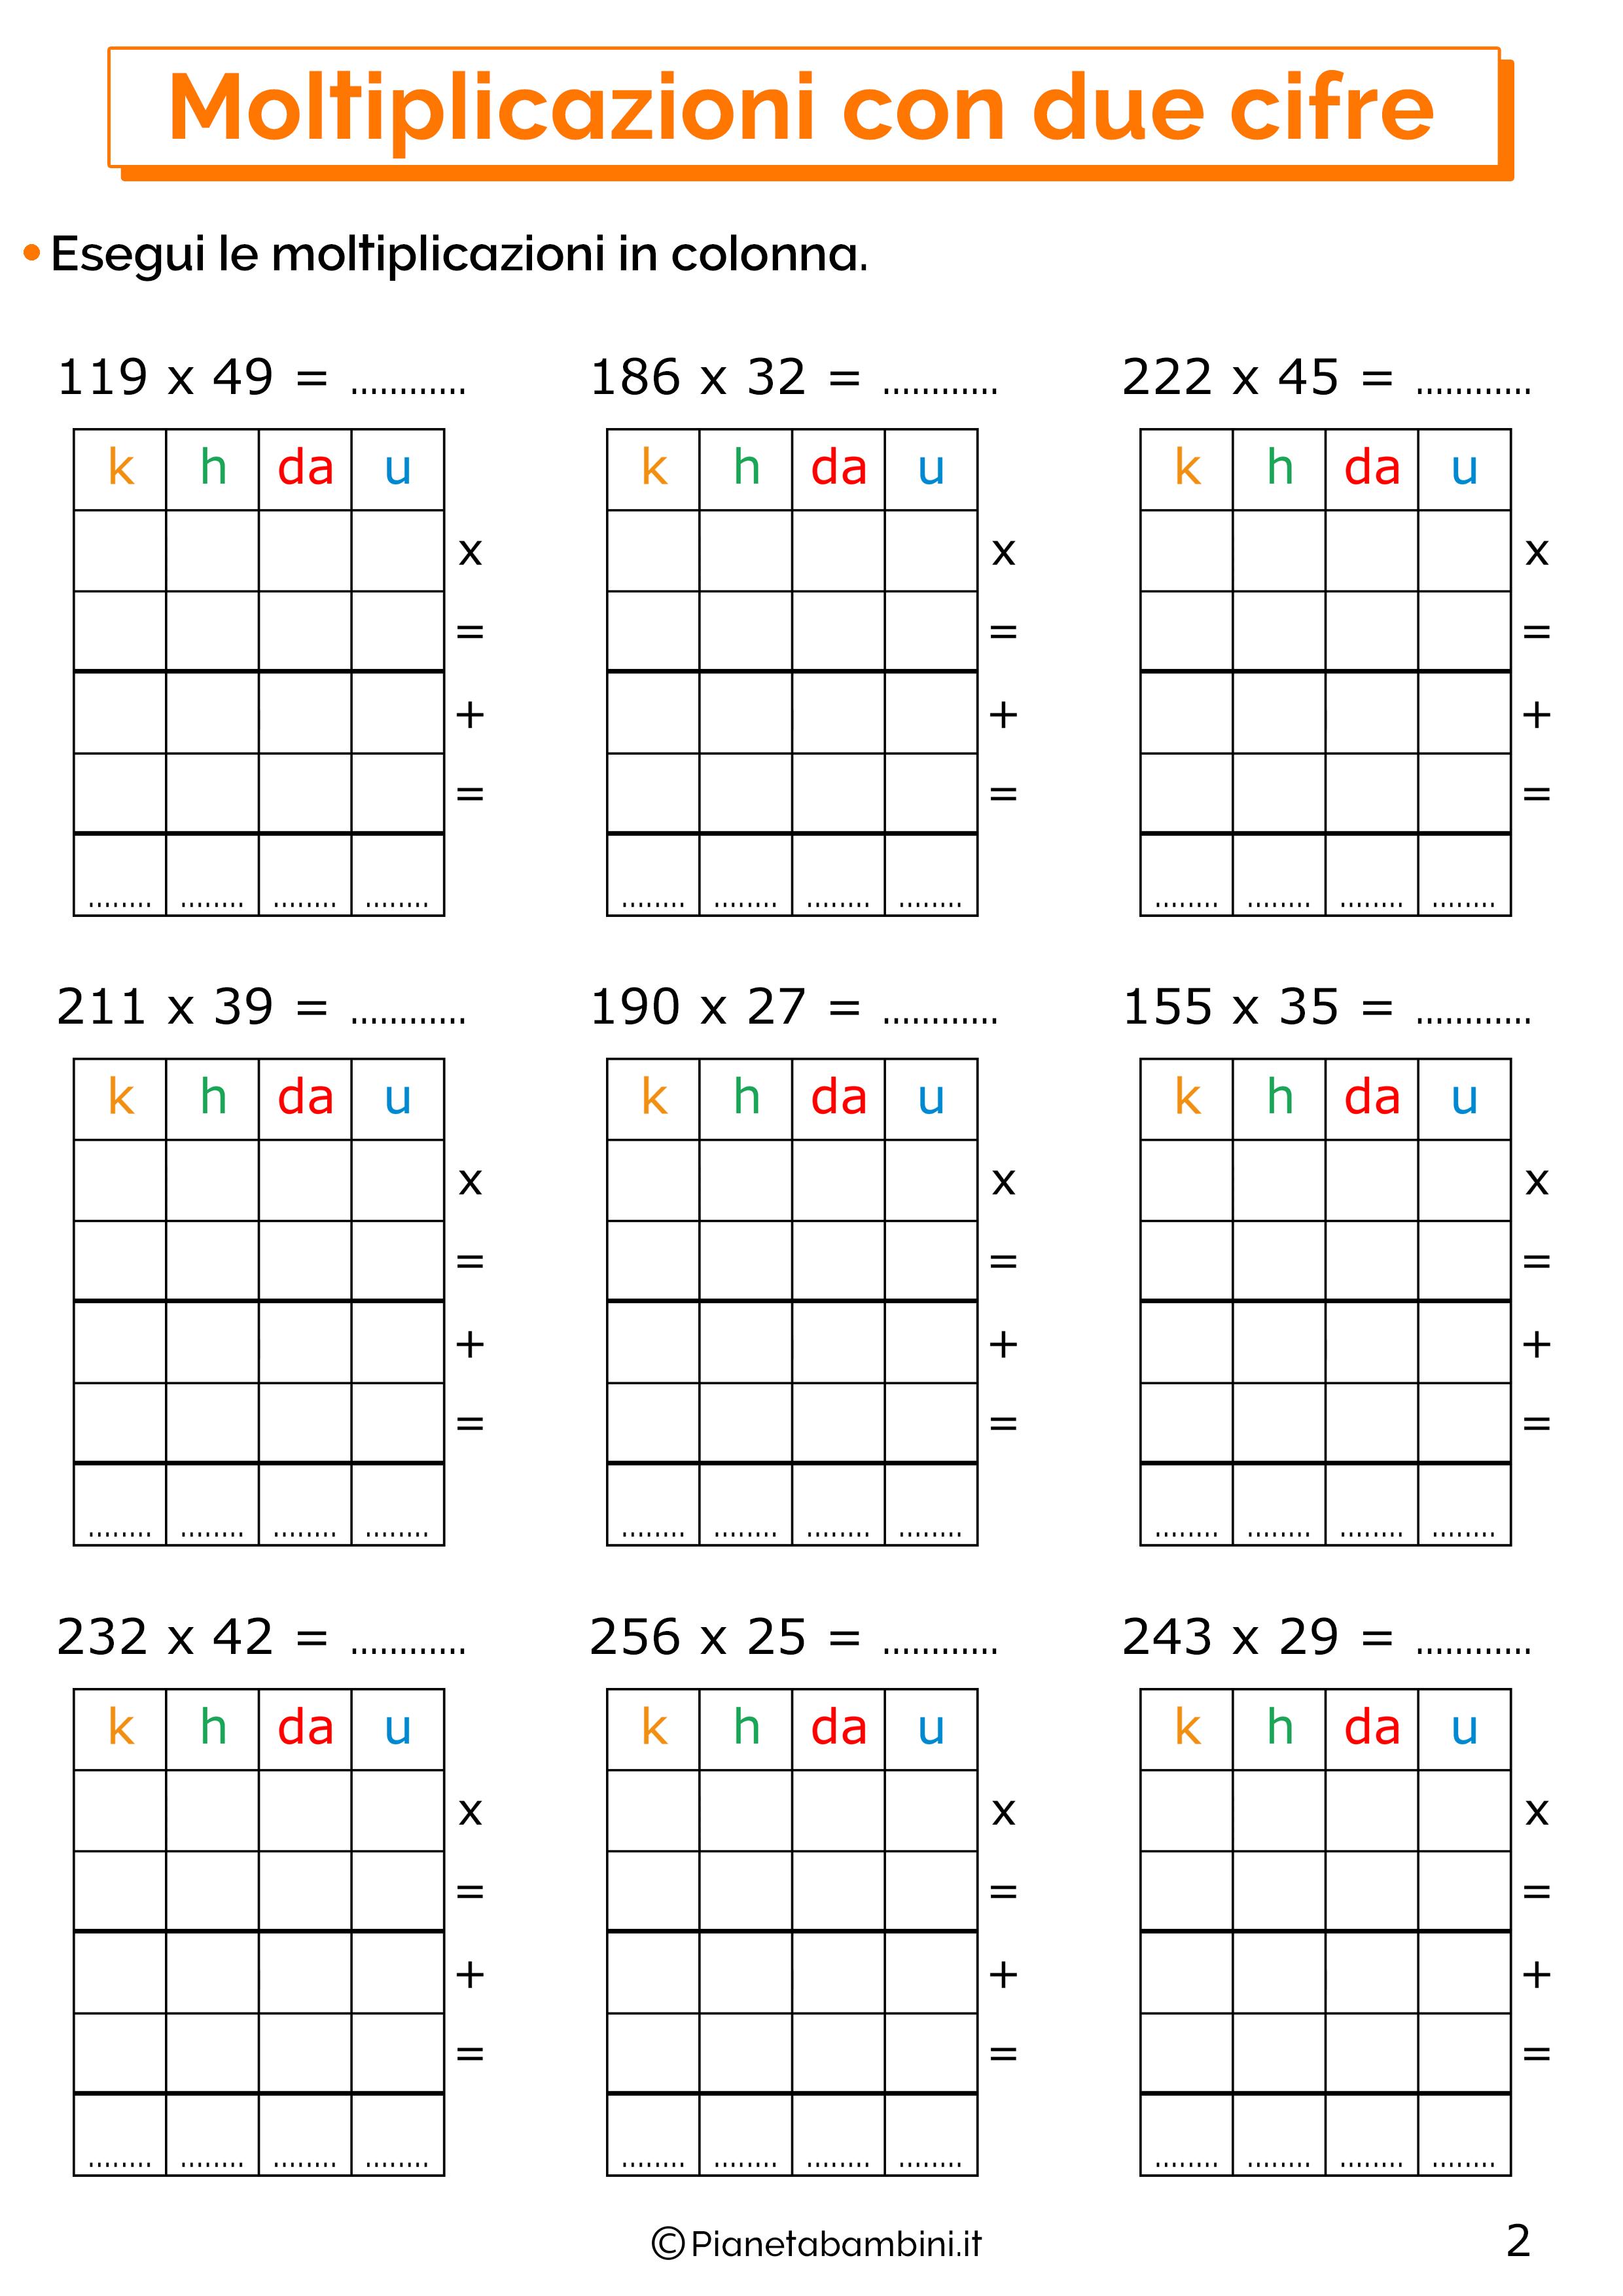 Esercizi sulle moltiplicazioni in colonna con tre cifre al moltiplicando e due cifre al moltiplicatore 2